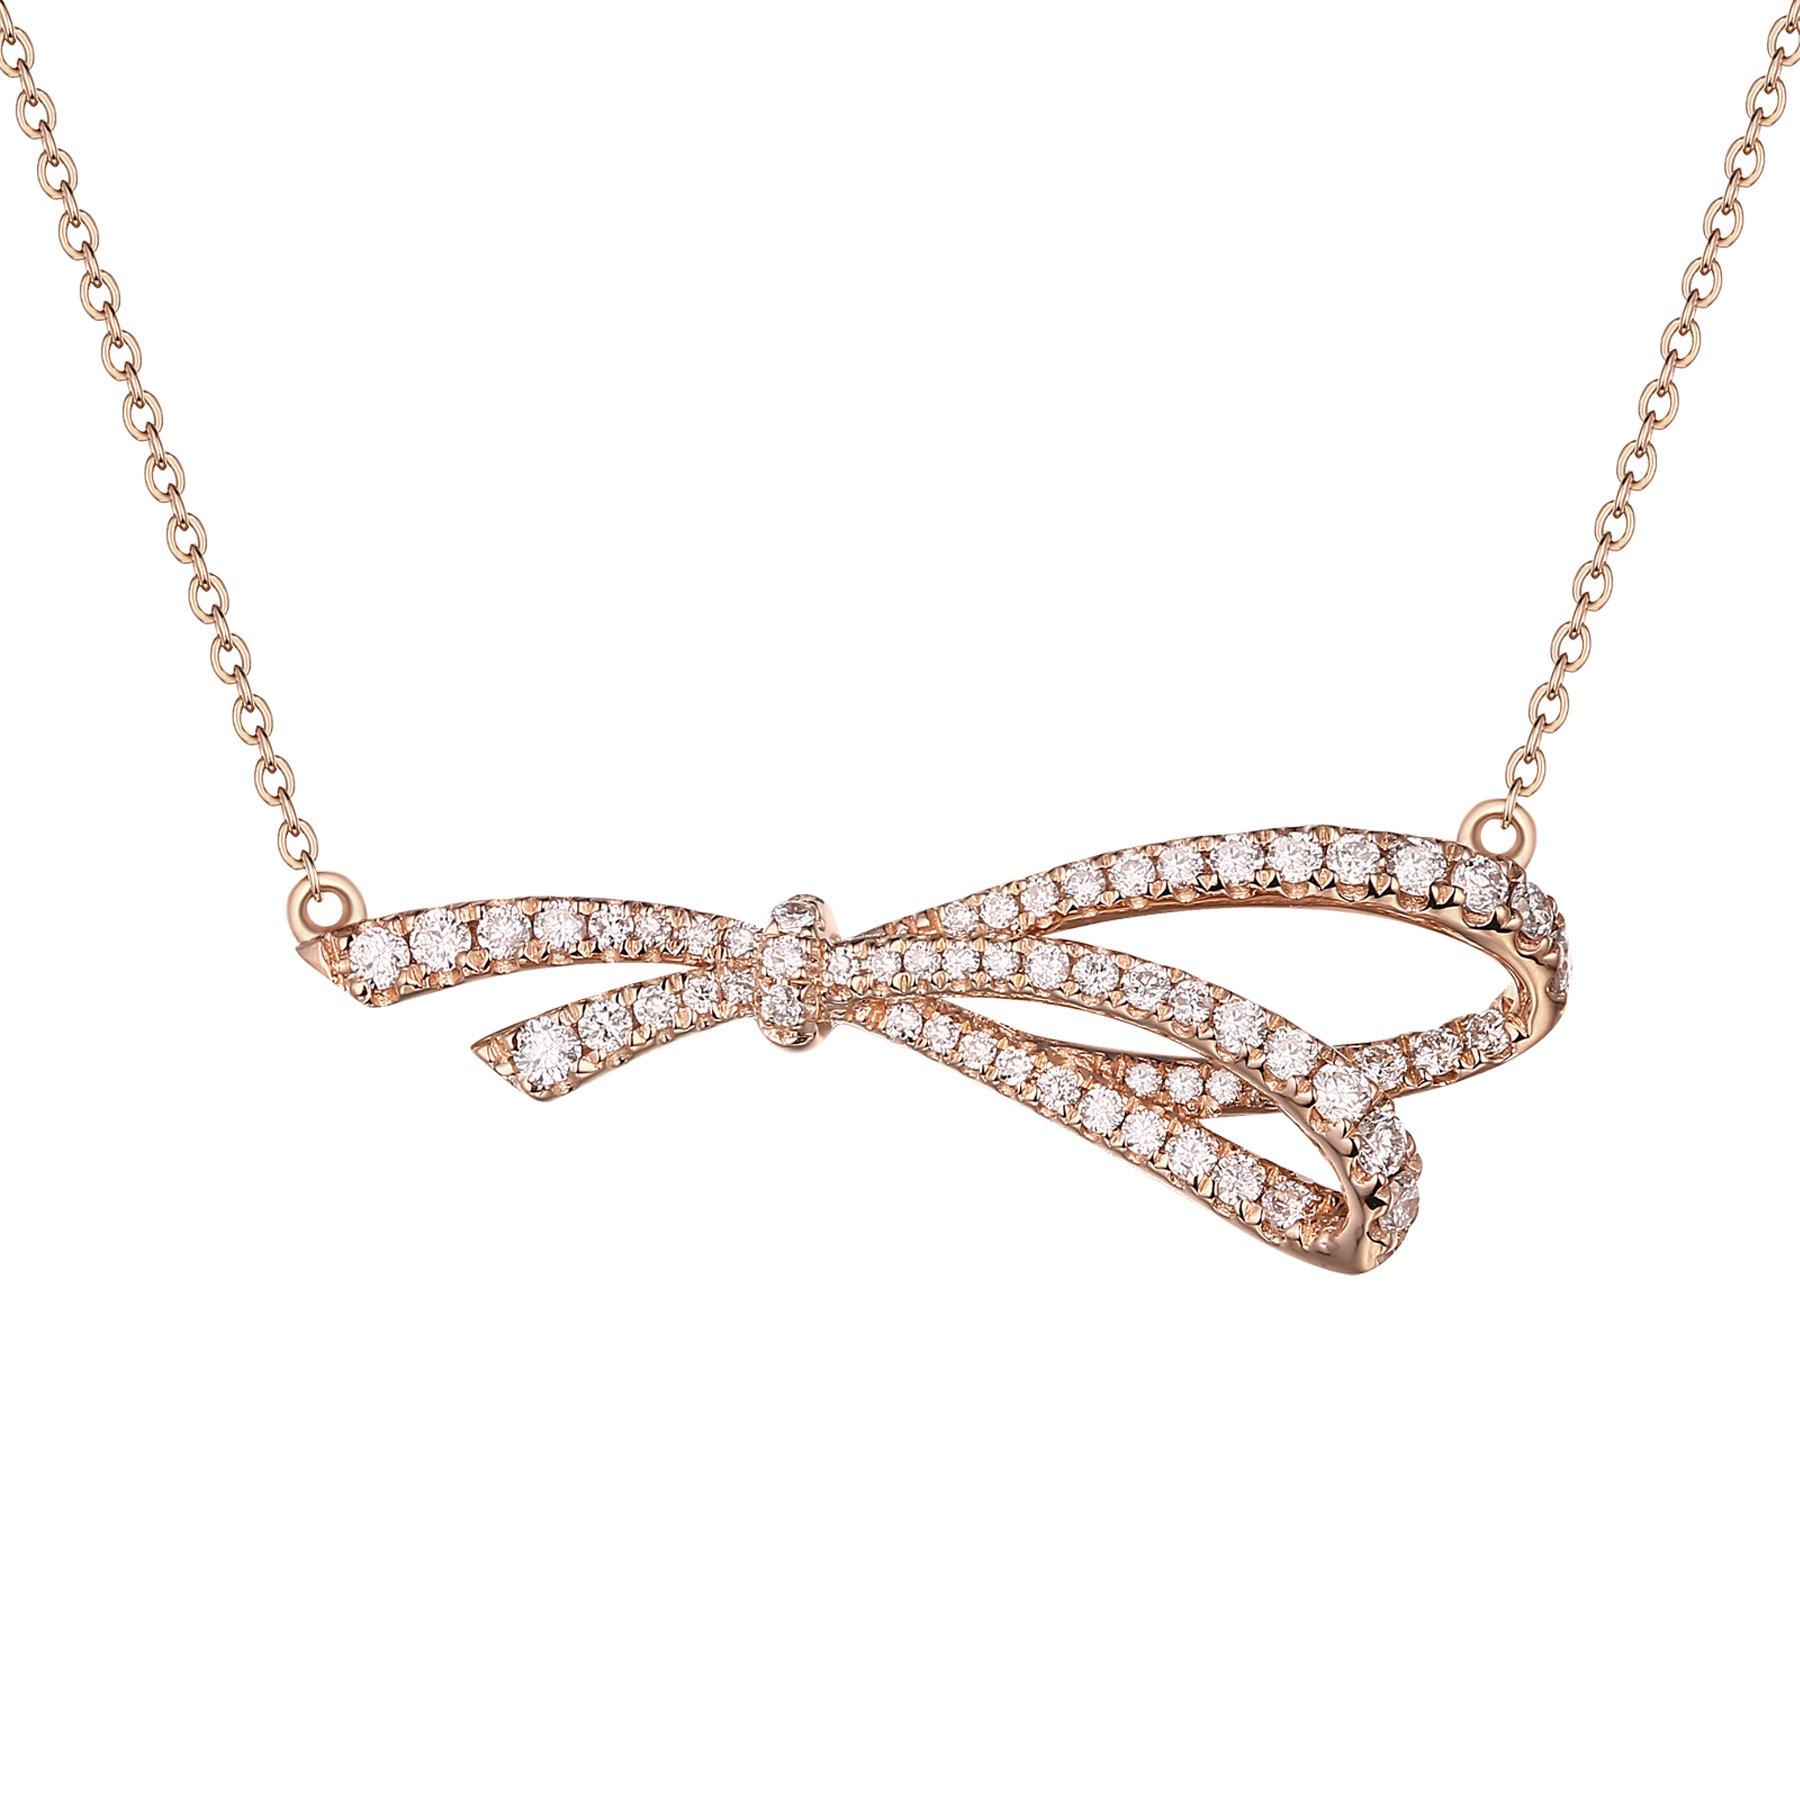 Prism Jewel 0.36 Carat Natural G-H/I2-I3 Diamond Designer Necklace, 14k Rose Gold